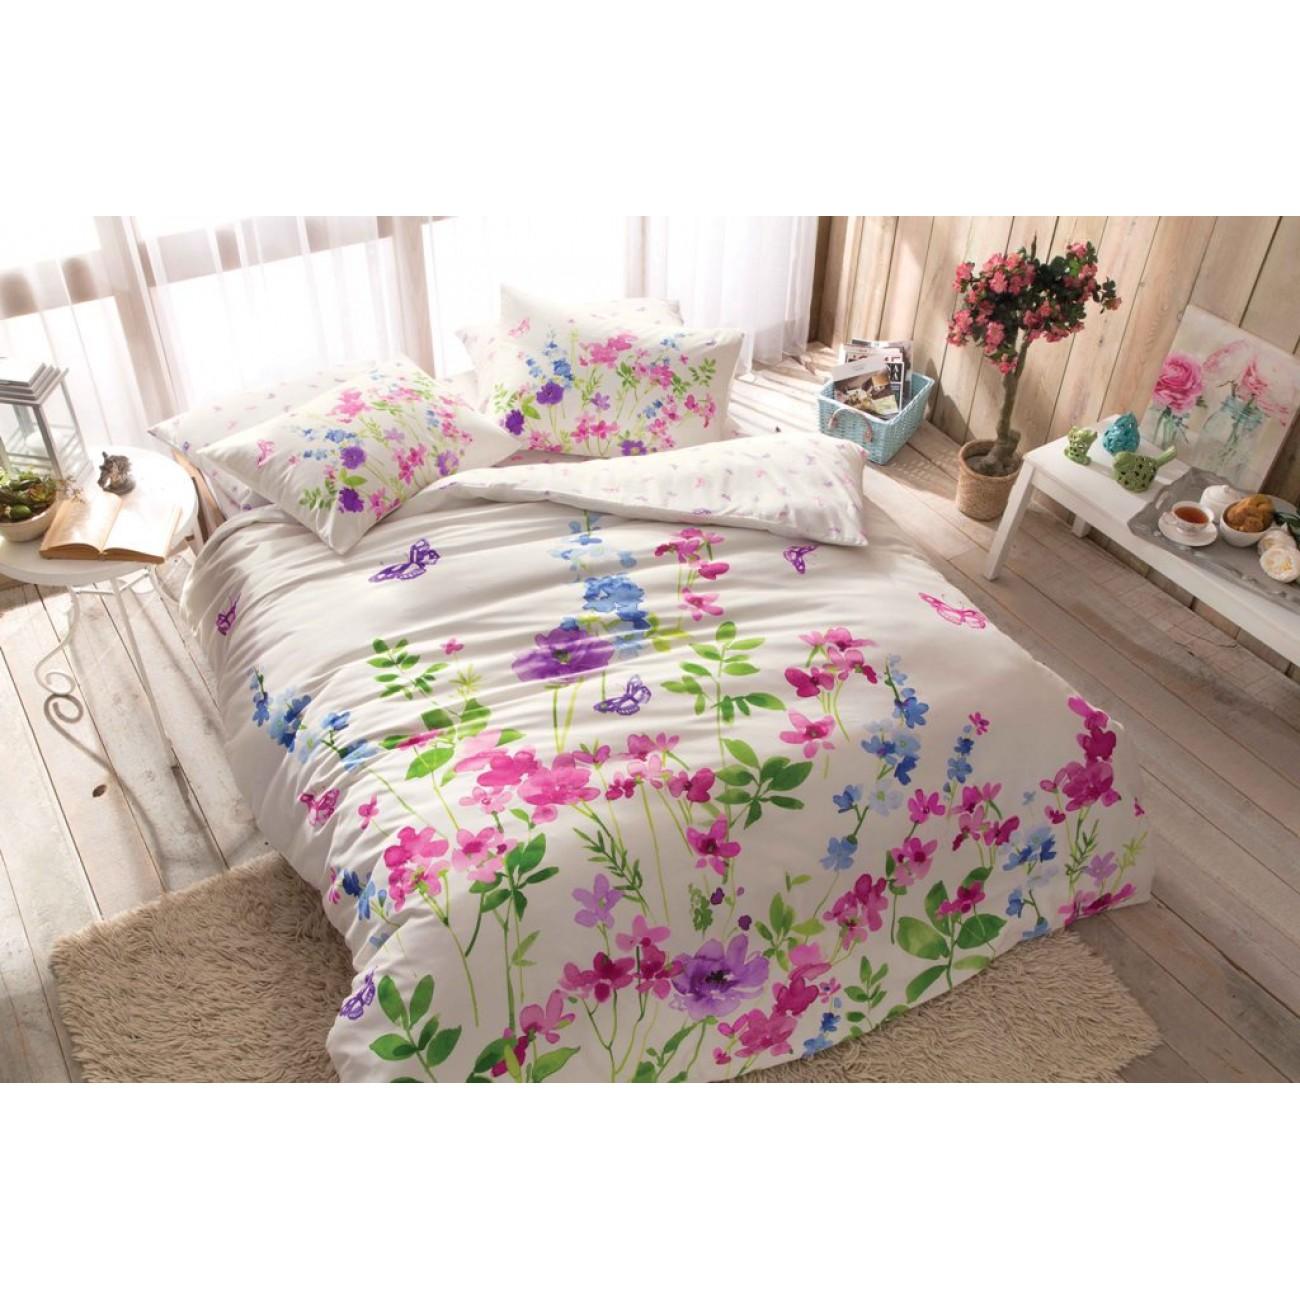 Renforce Baumwolletac Melrose Bettwasche Pink 200x220